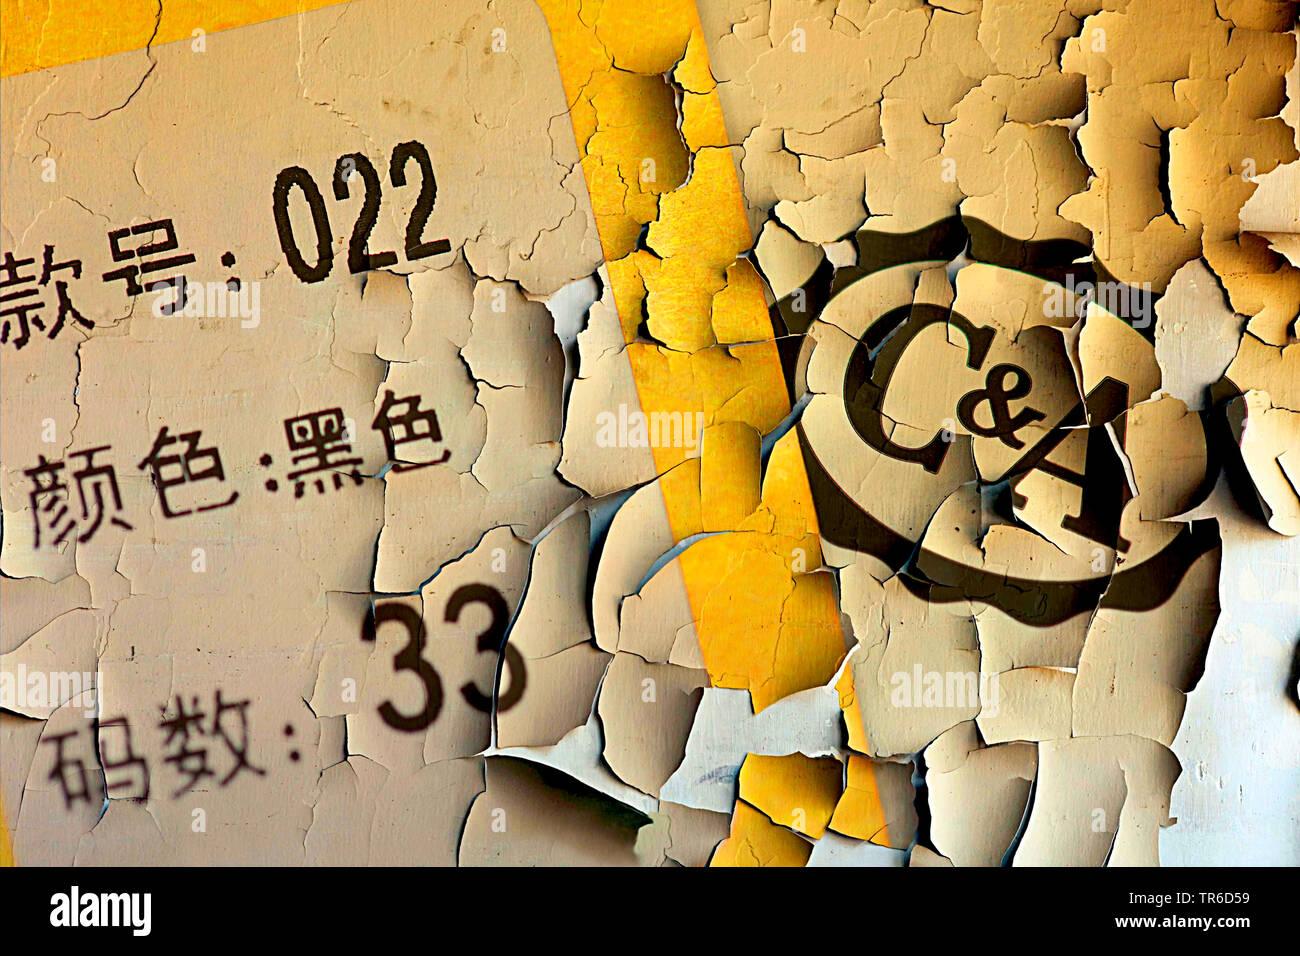 C & A Logo und chinesisches Etikett auf einer abblaetternden Wand, Traditionsunternehmen C&A prueft den Verkauf des Unternehmens nach China, Deutschla - Stock Image